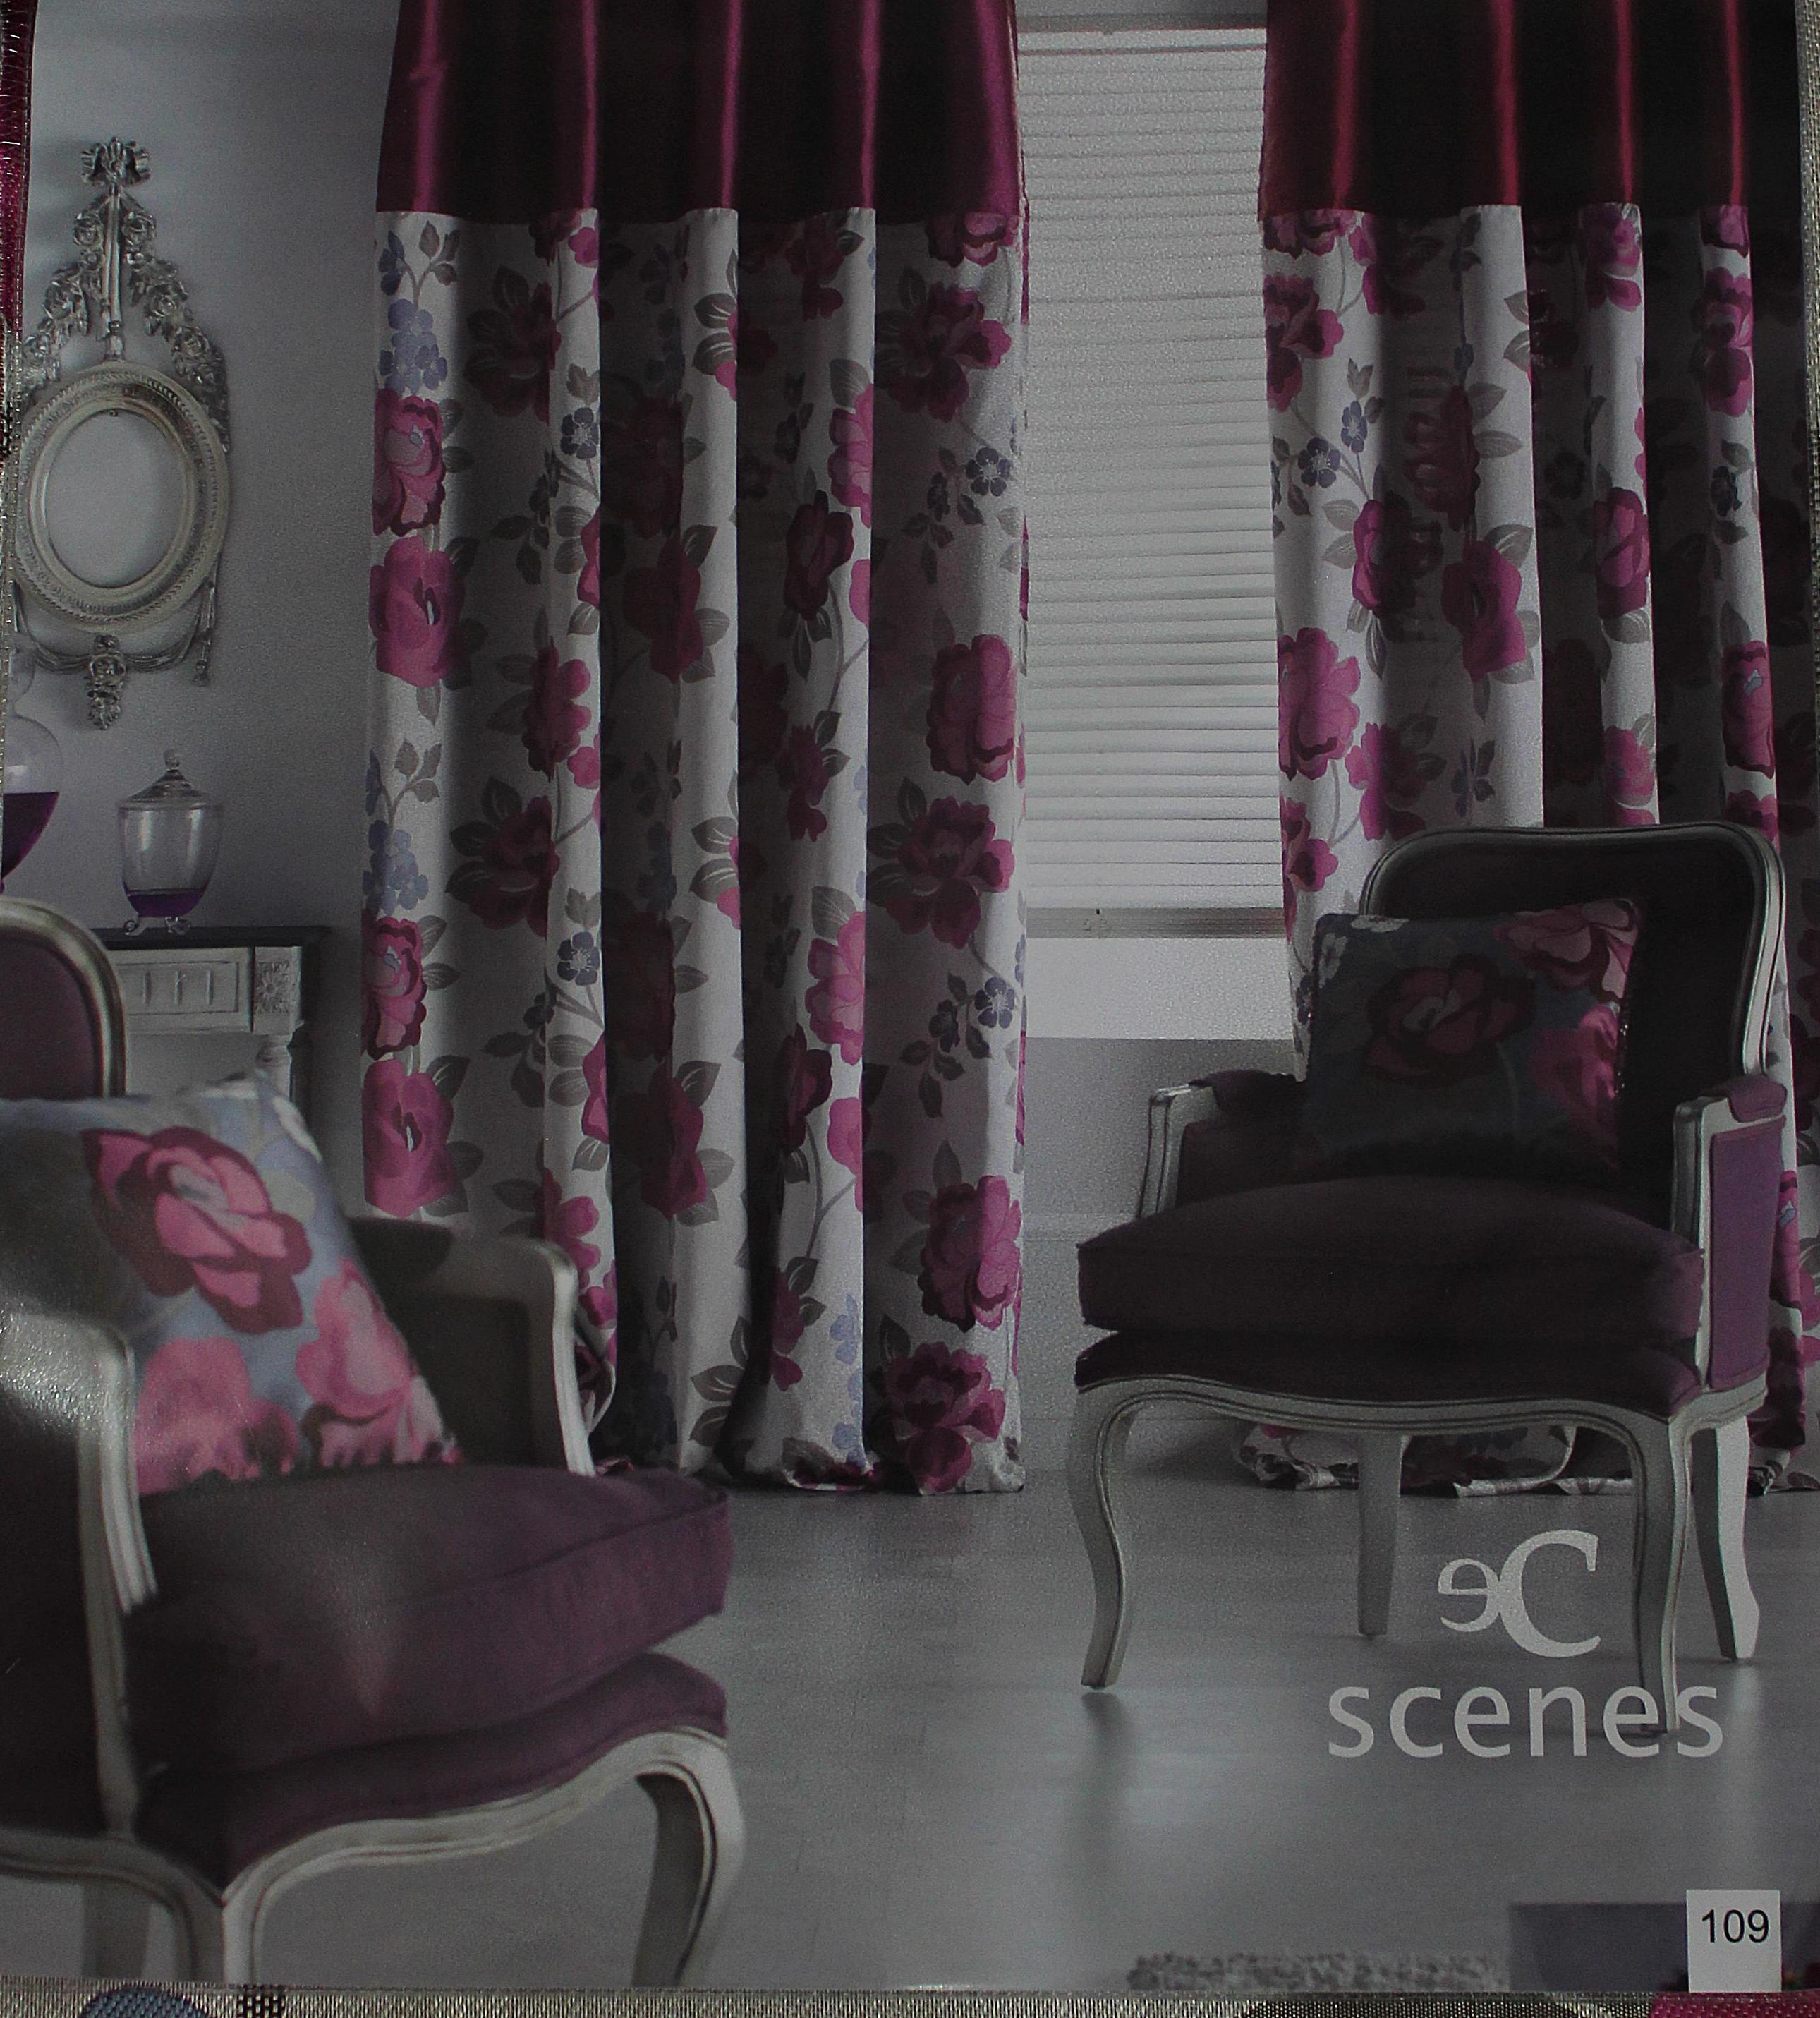 Estampados para sofás, salas de estar, dormitorios). Confección de cortinas Tres Cantos.